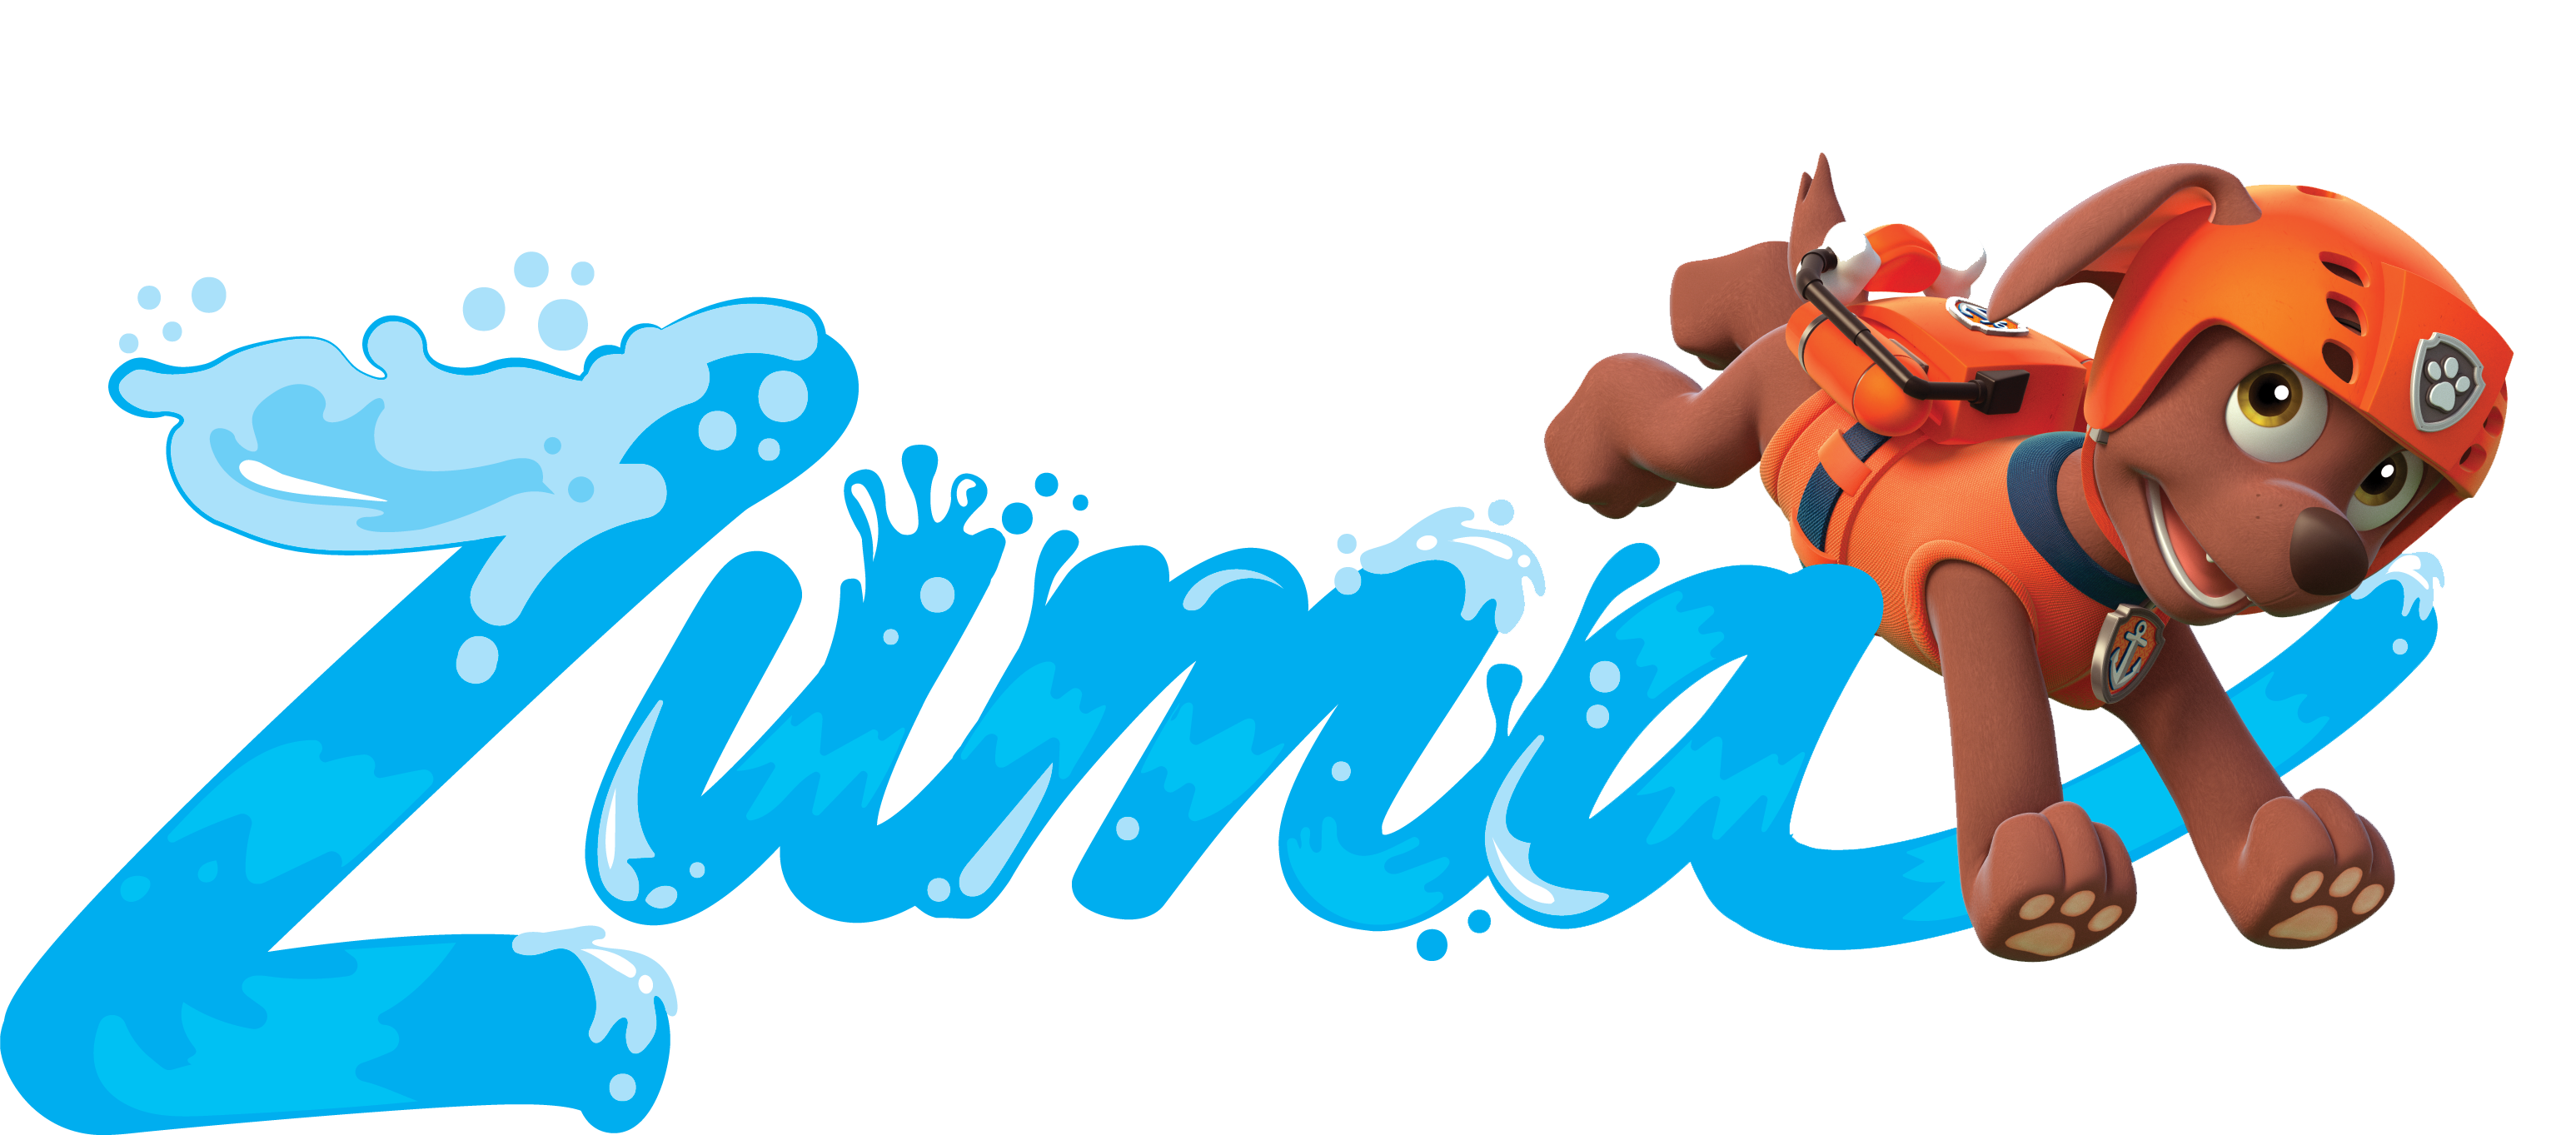 Plik:Nickelodeon Nick Jr. PAW Patrol Zuma Name.png